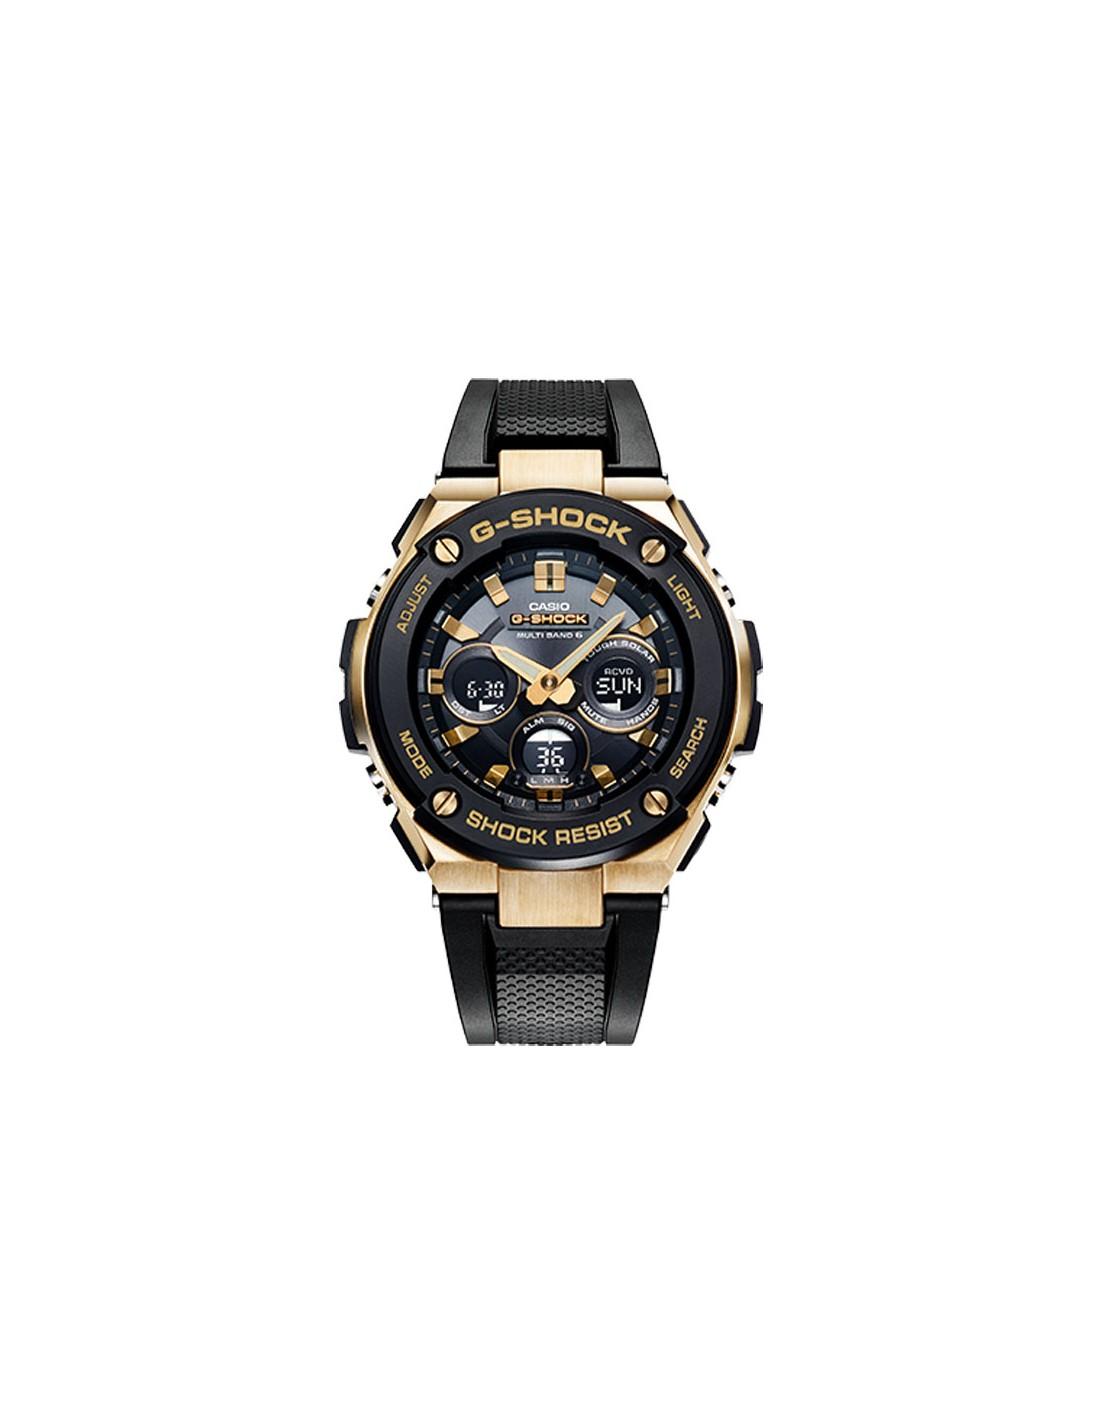 79b739ffc100 Reloj Casio G-Shock GST-W300G-1A9ER